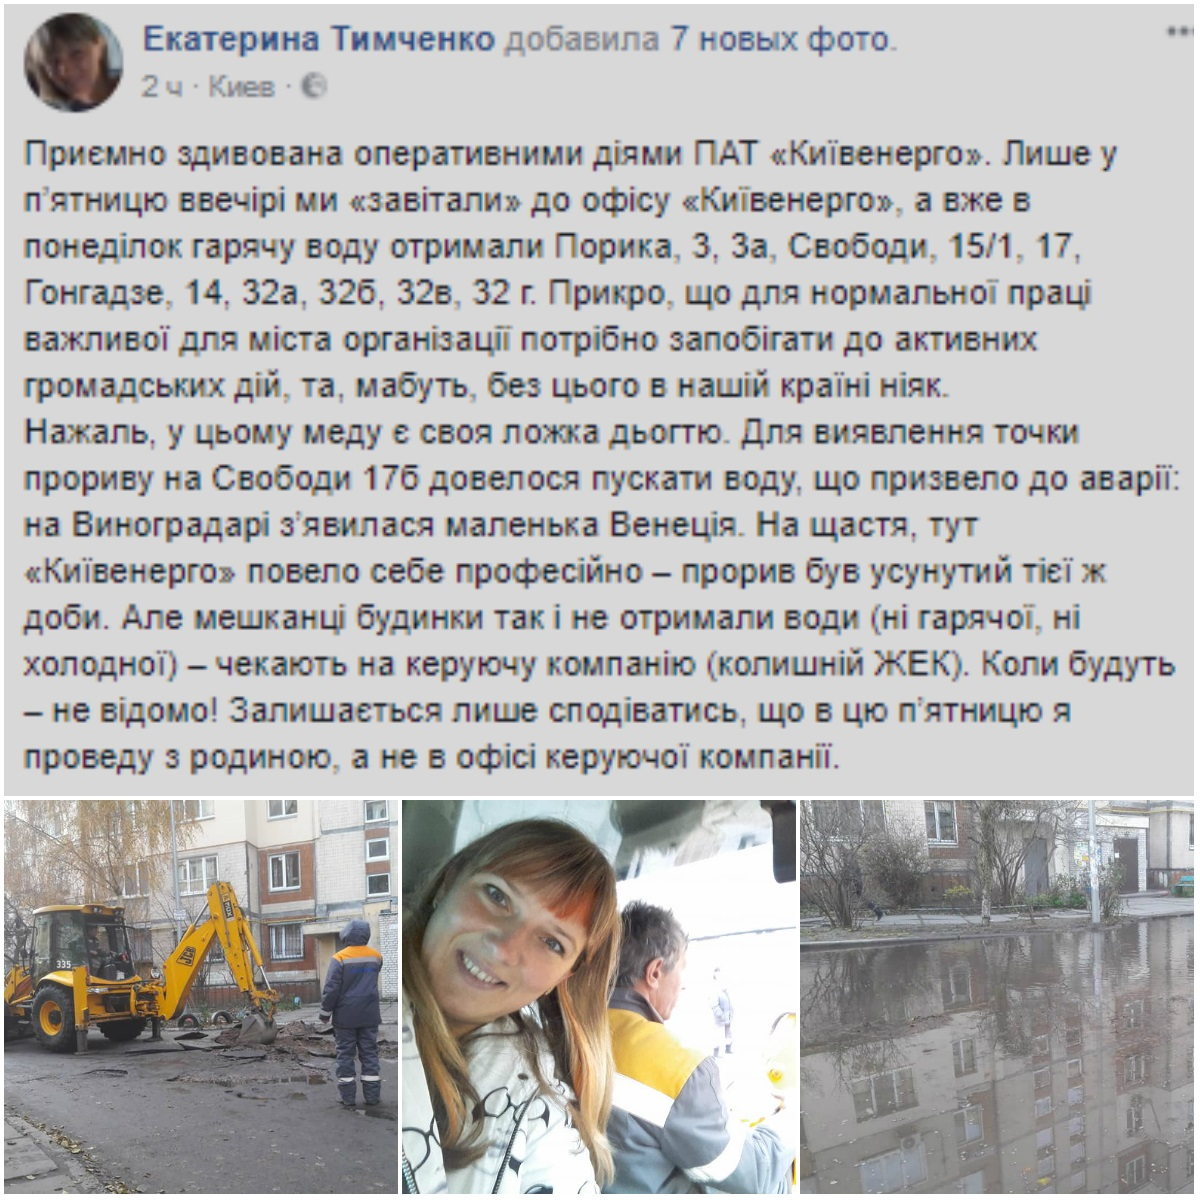 """Екатерина Тимченко на своей странице в Facebook сообщила, что горячая вода появилась в некоторых жилых домах, а на проспекте Свободы, 17-б появилась """"маленькая Венеция"""""""